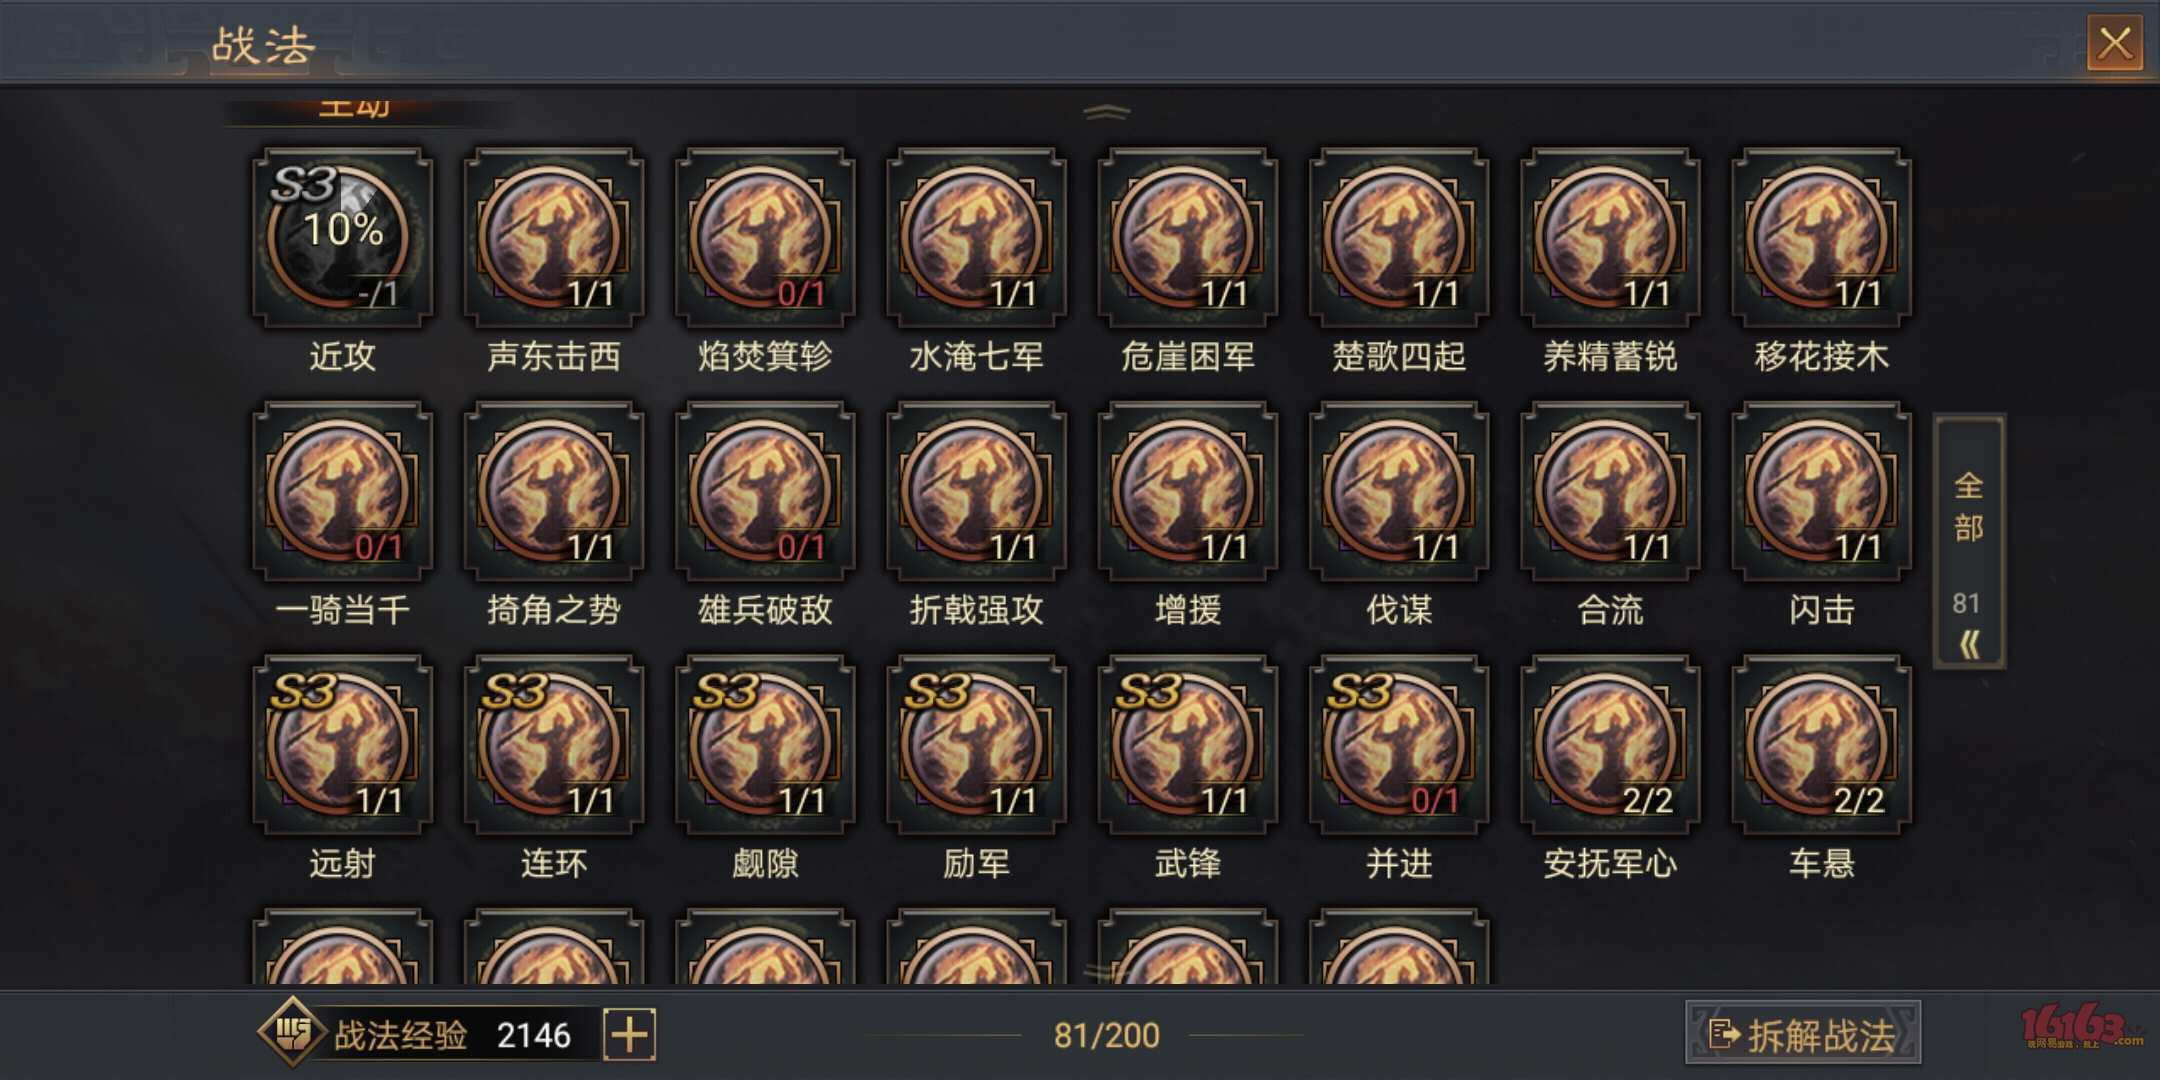 Screenshot_20180517-122048.jpg